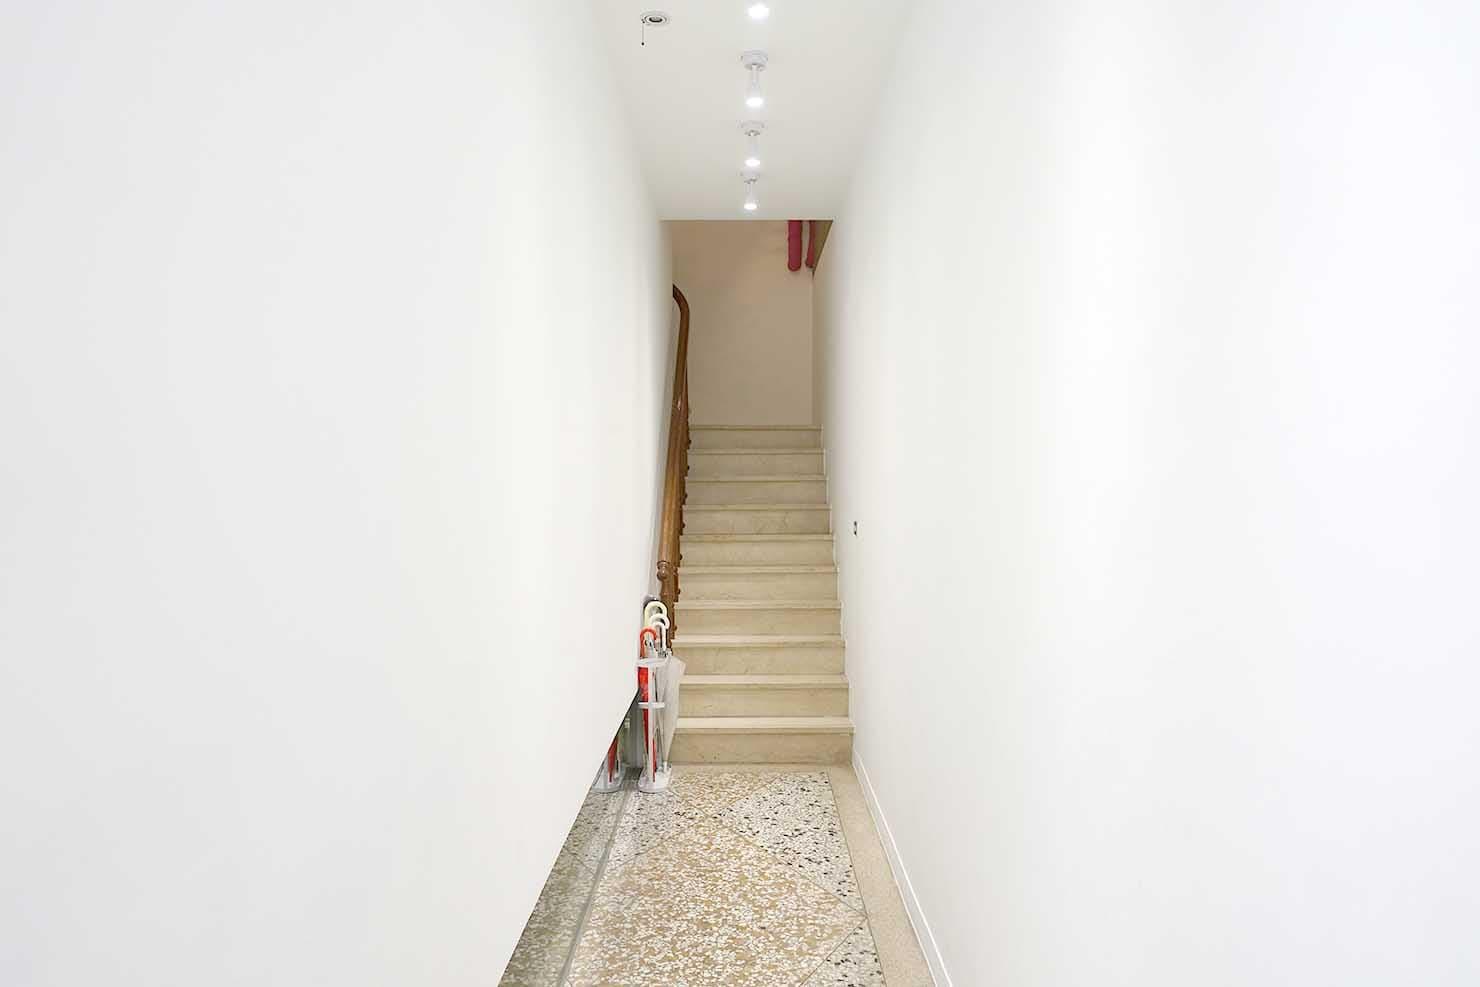 高雄・美麗島駅徒歩3分の立地最高なおすすめホテル「小島公寓 Island House」宿泊エリアへの階段